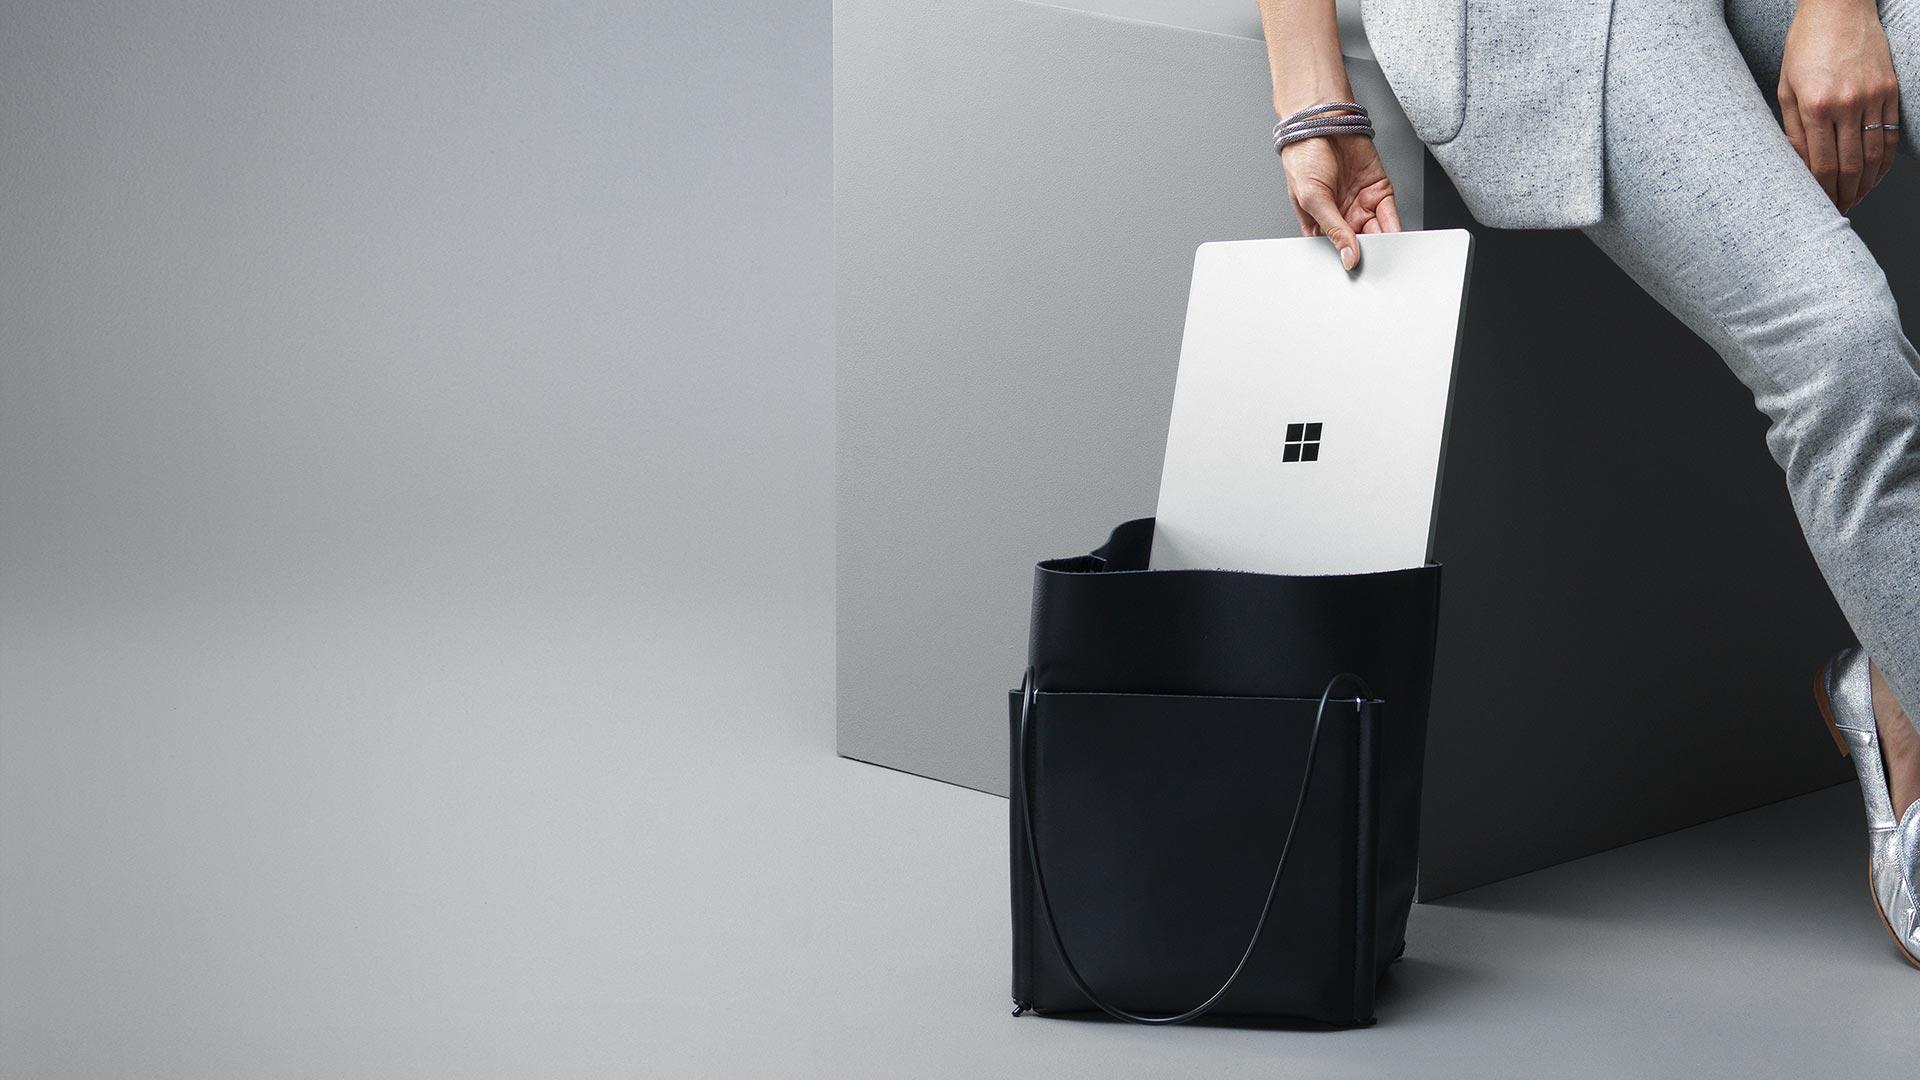 Una donna inserisce il dispositivo Surface Laptop platino nella borsa.